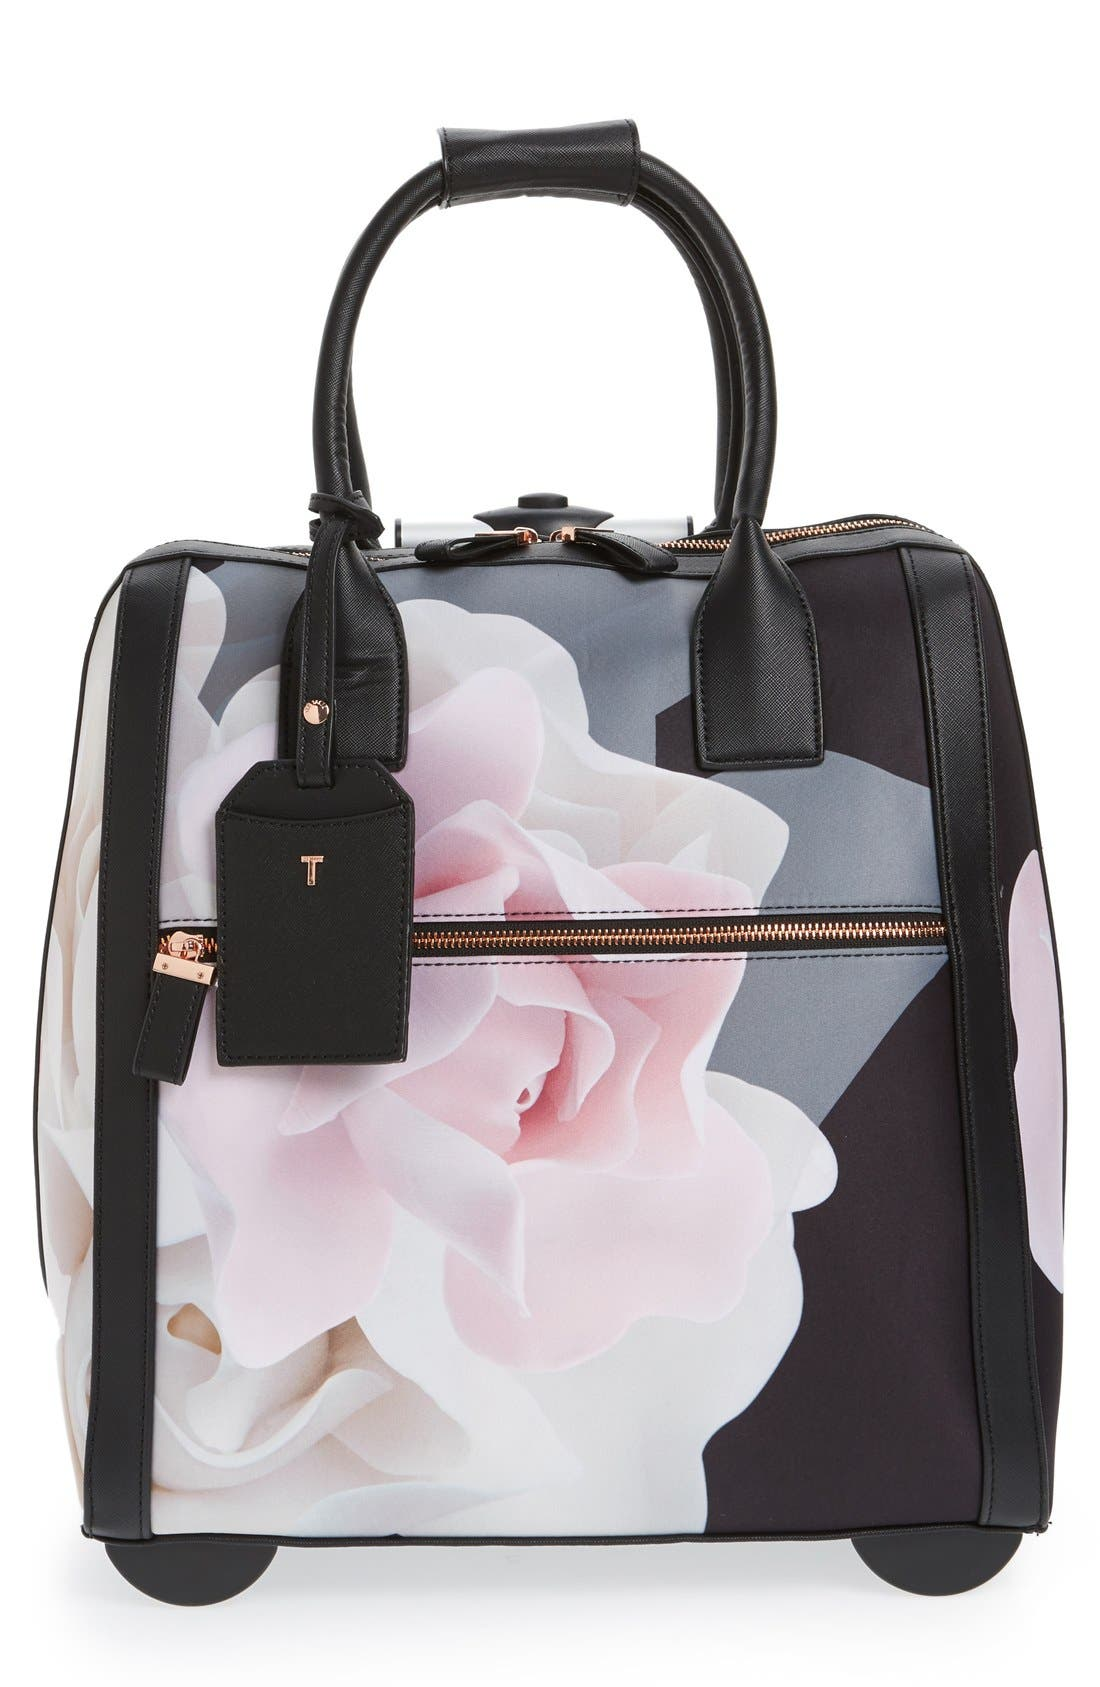 TED BAKER LONDON 'Porcelain Rose - Odina' Travel Bag, Main, color, 001